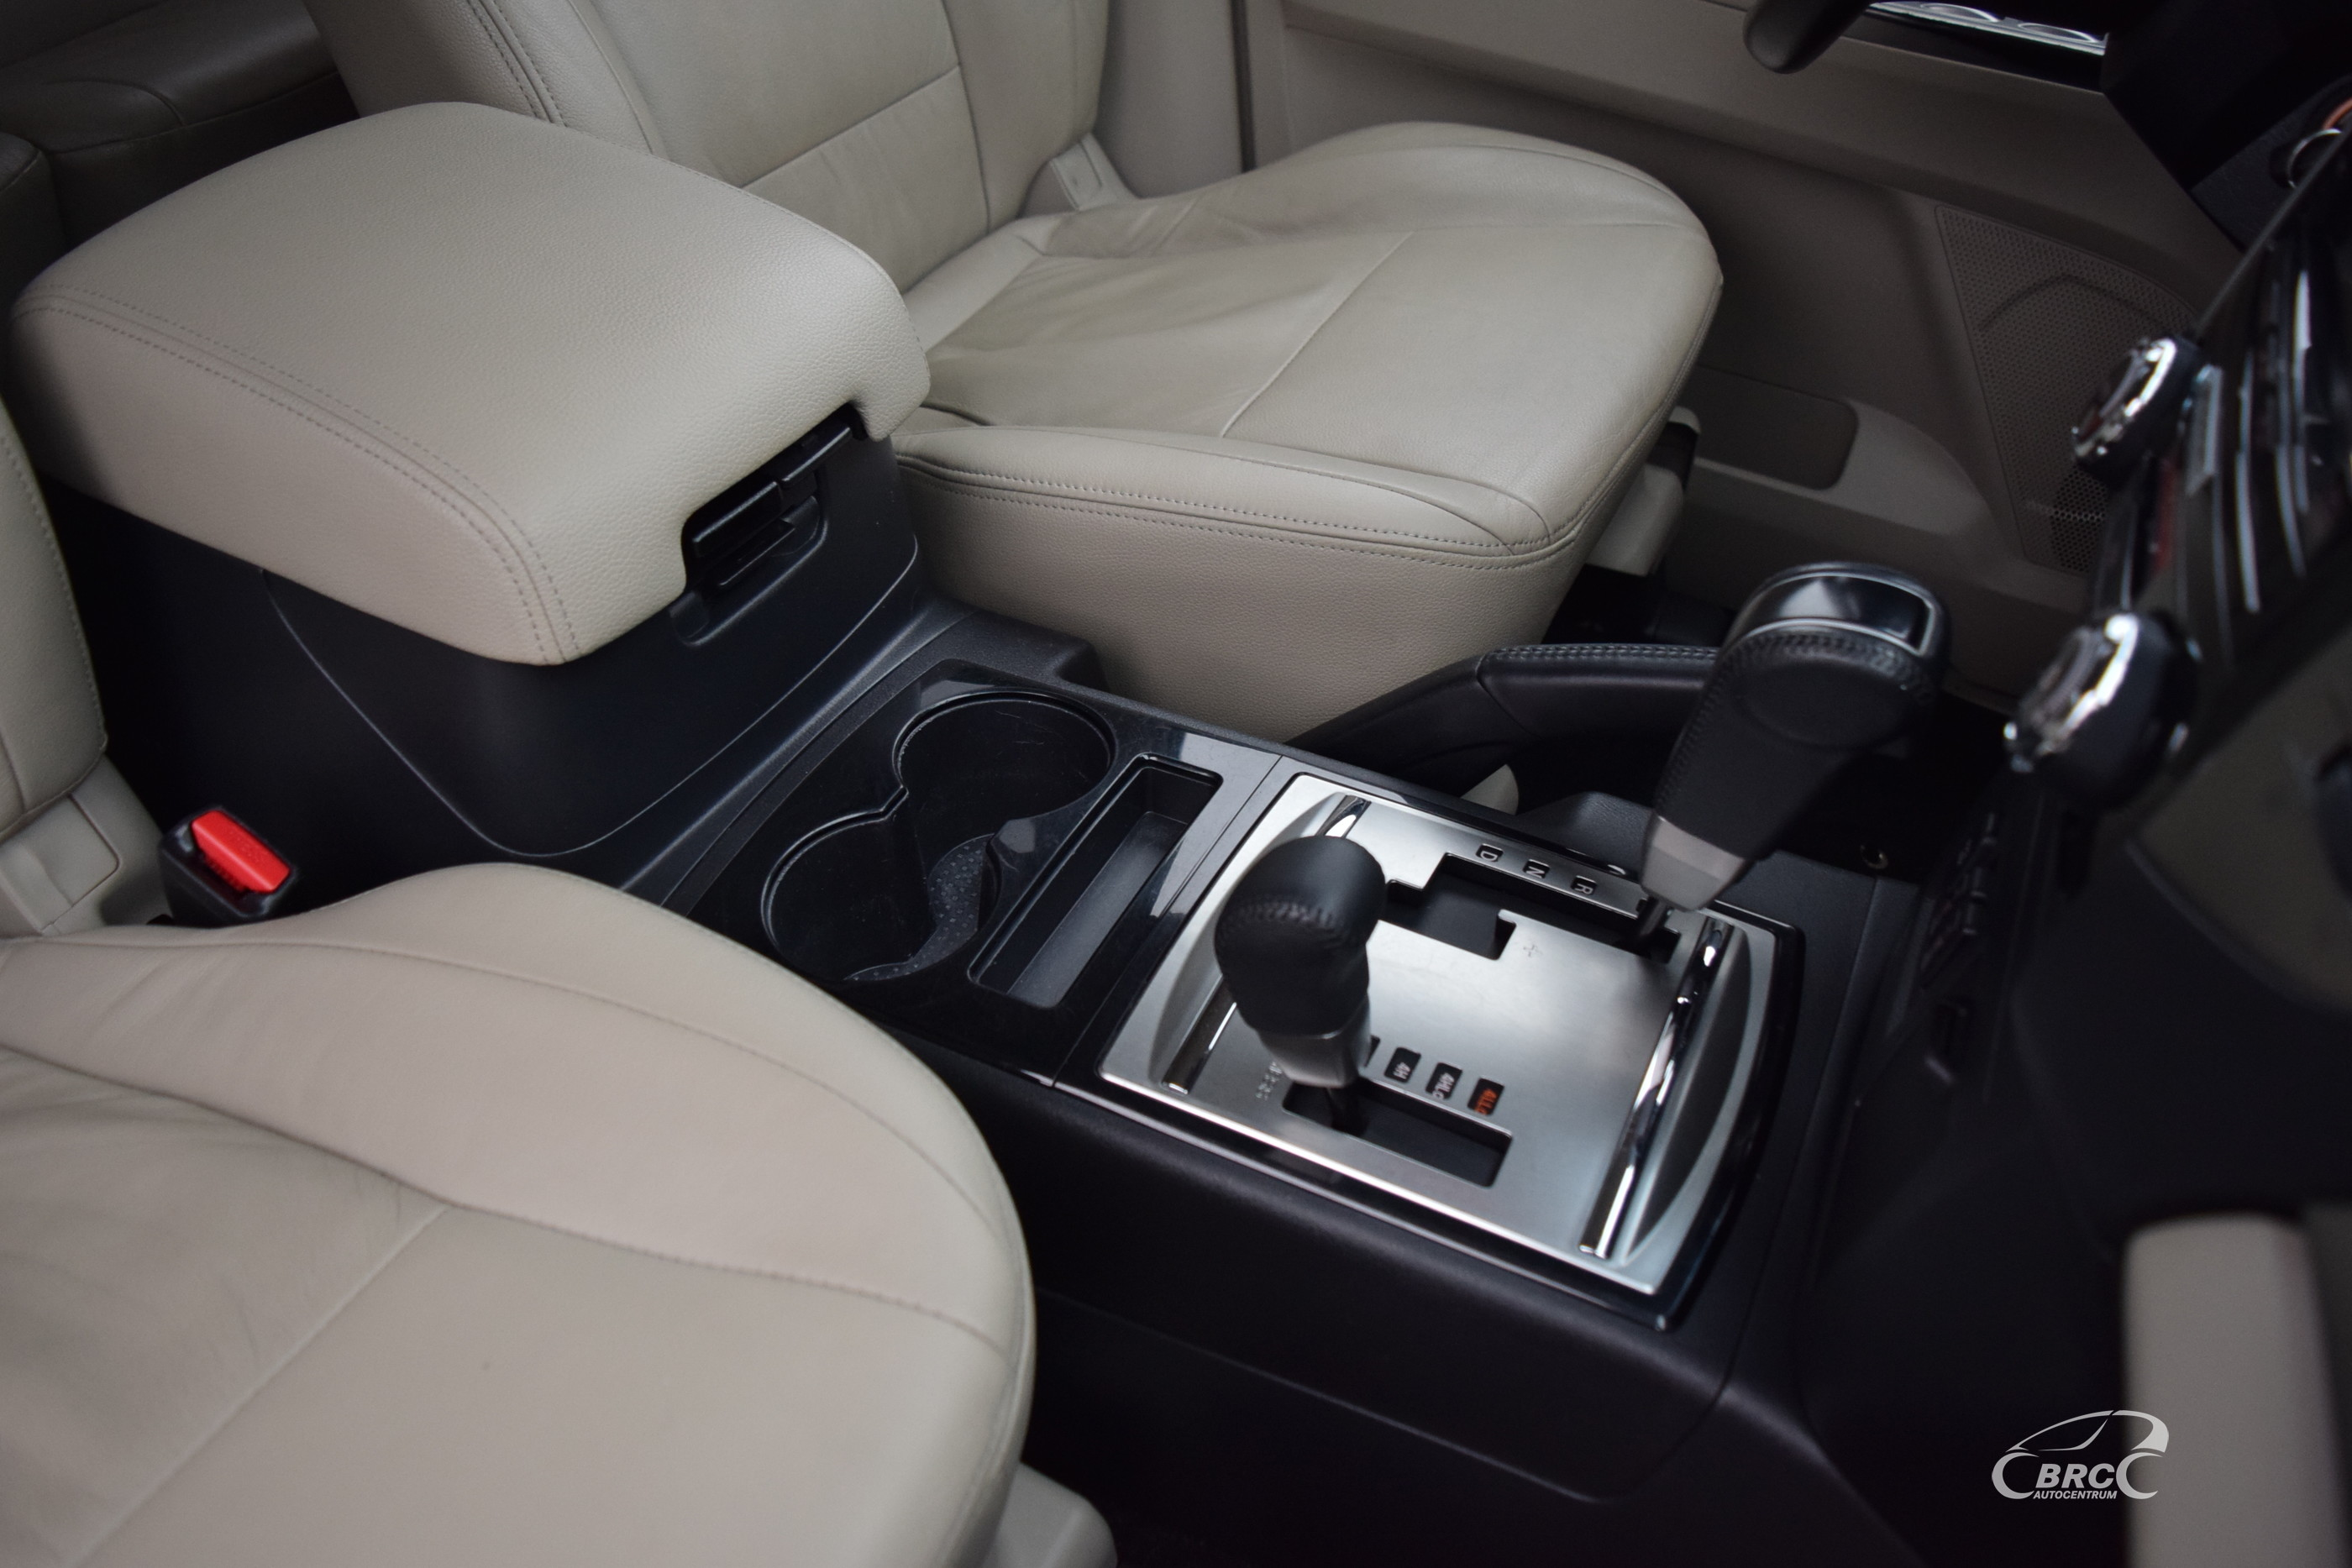 Mitsubishi Pajero A/T 7 seats